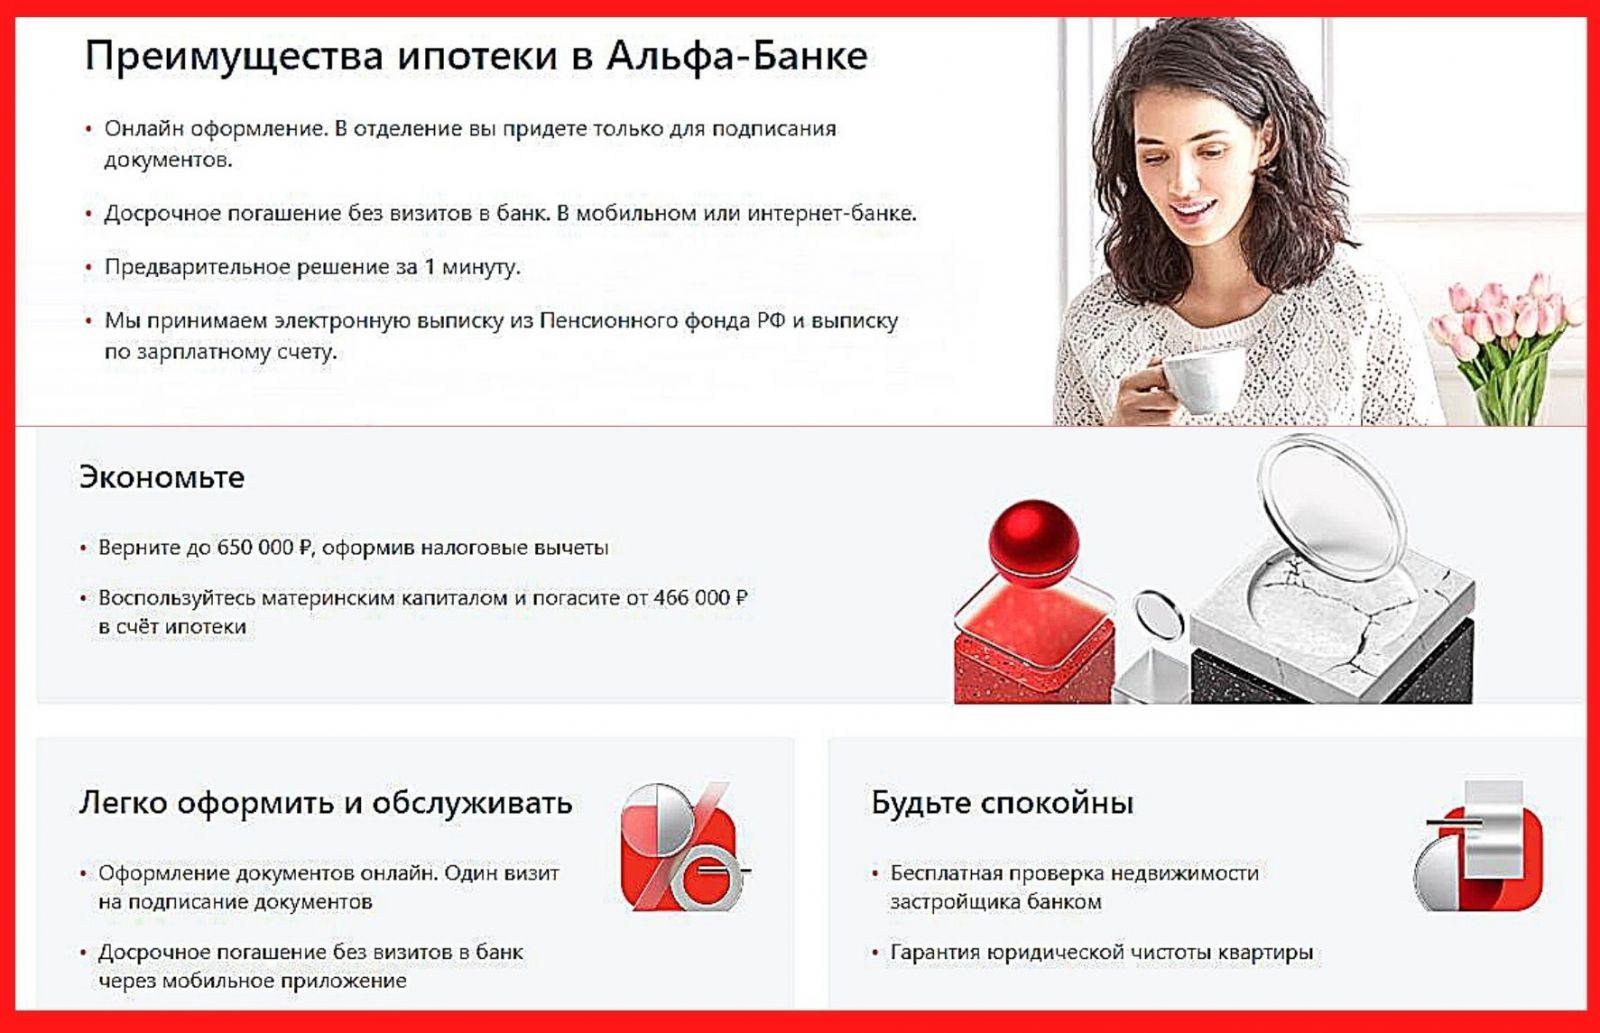 Ипотека Альфа-Банка